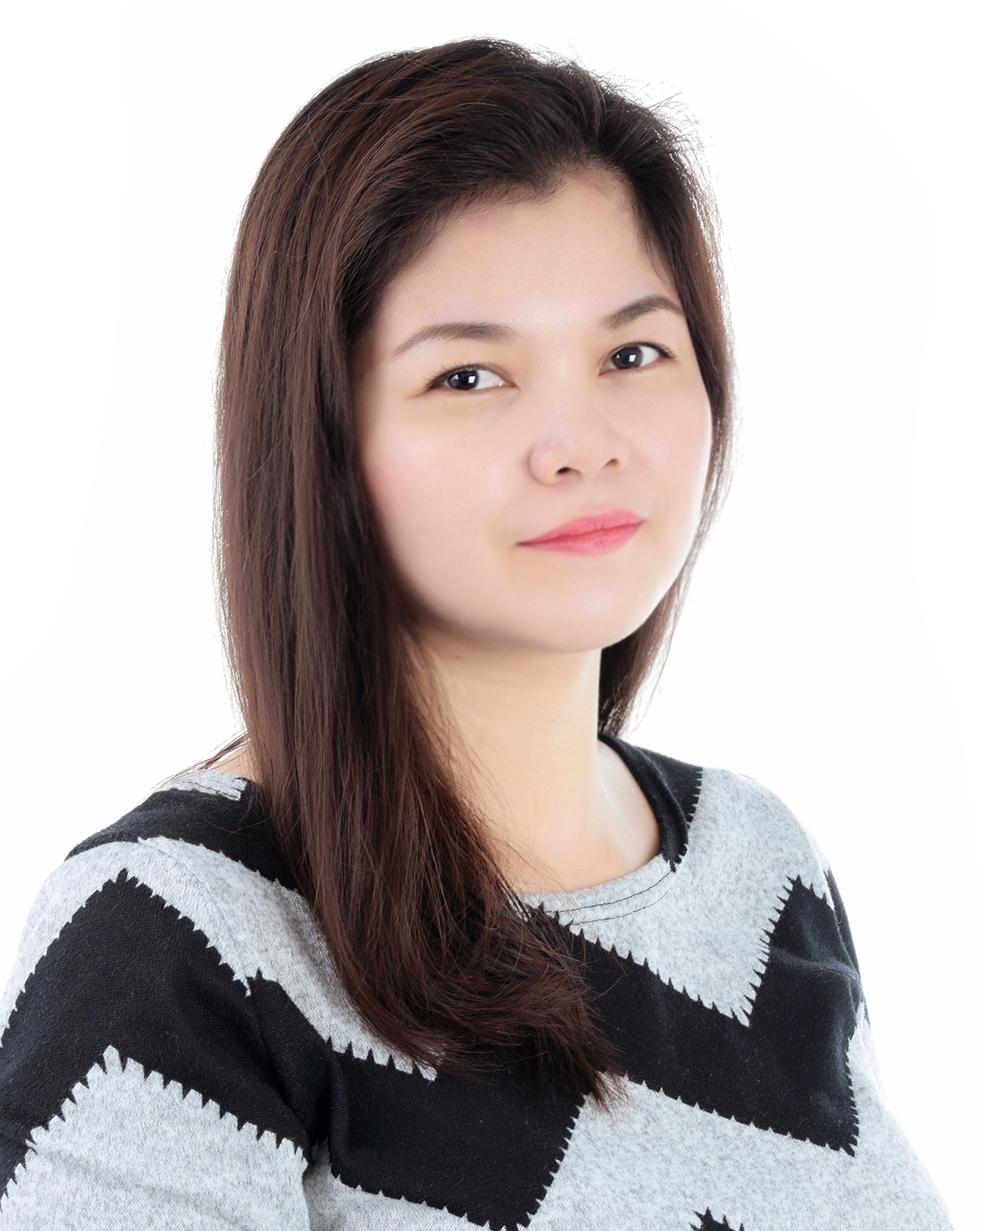 Belinda Agbayani